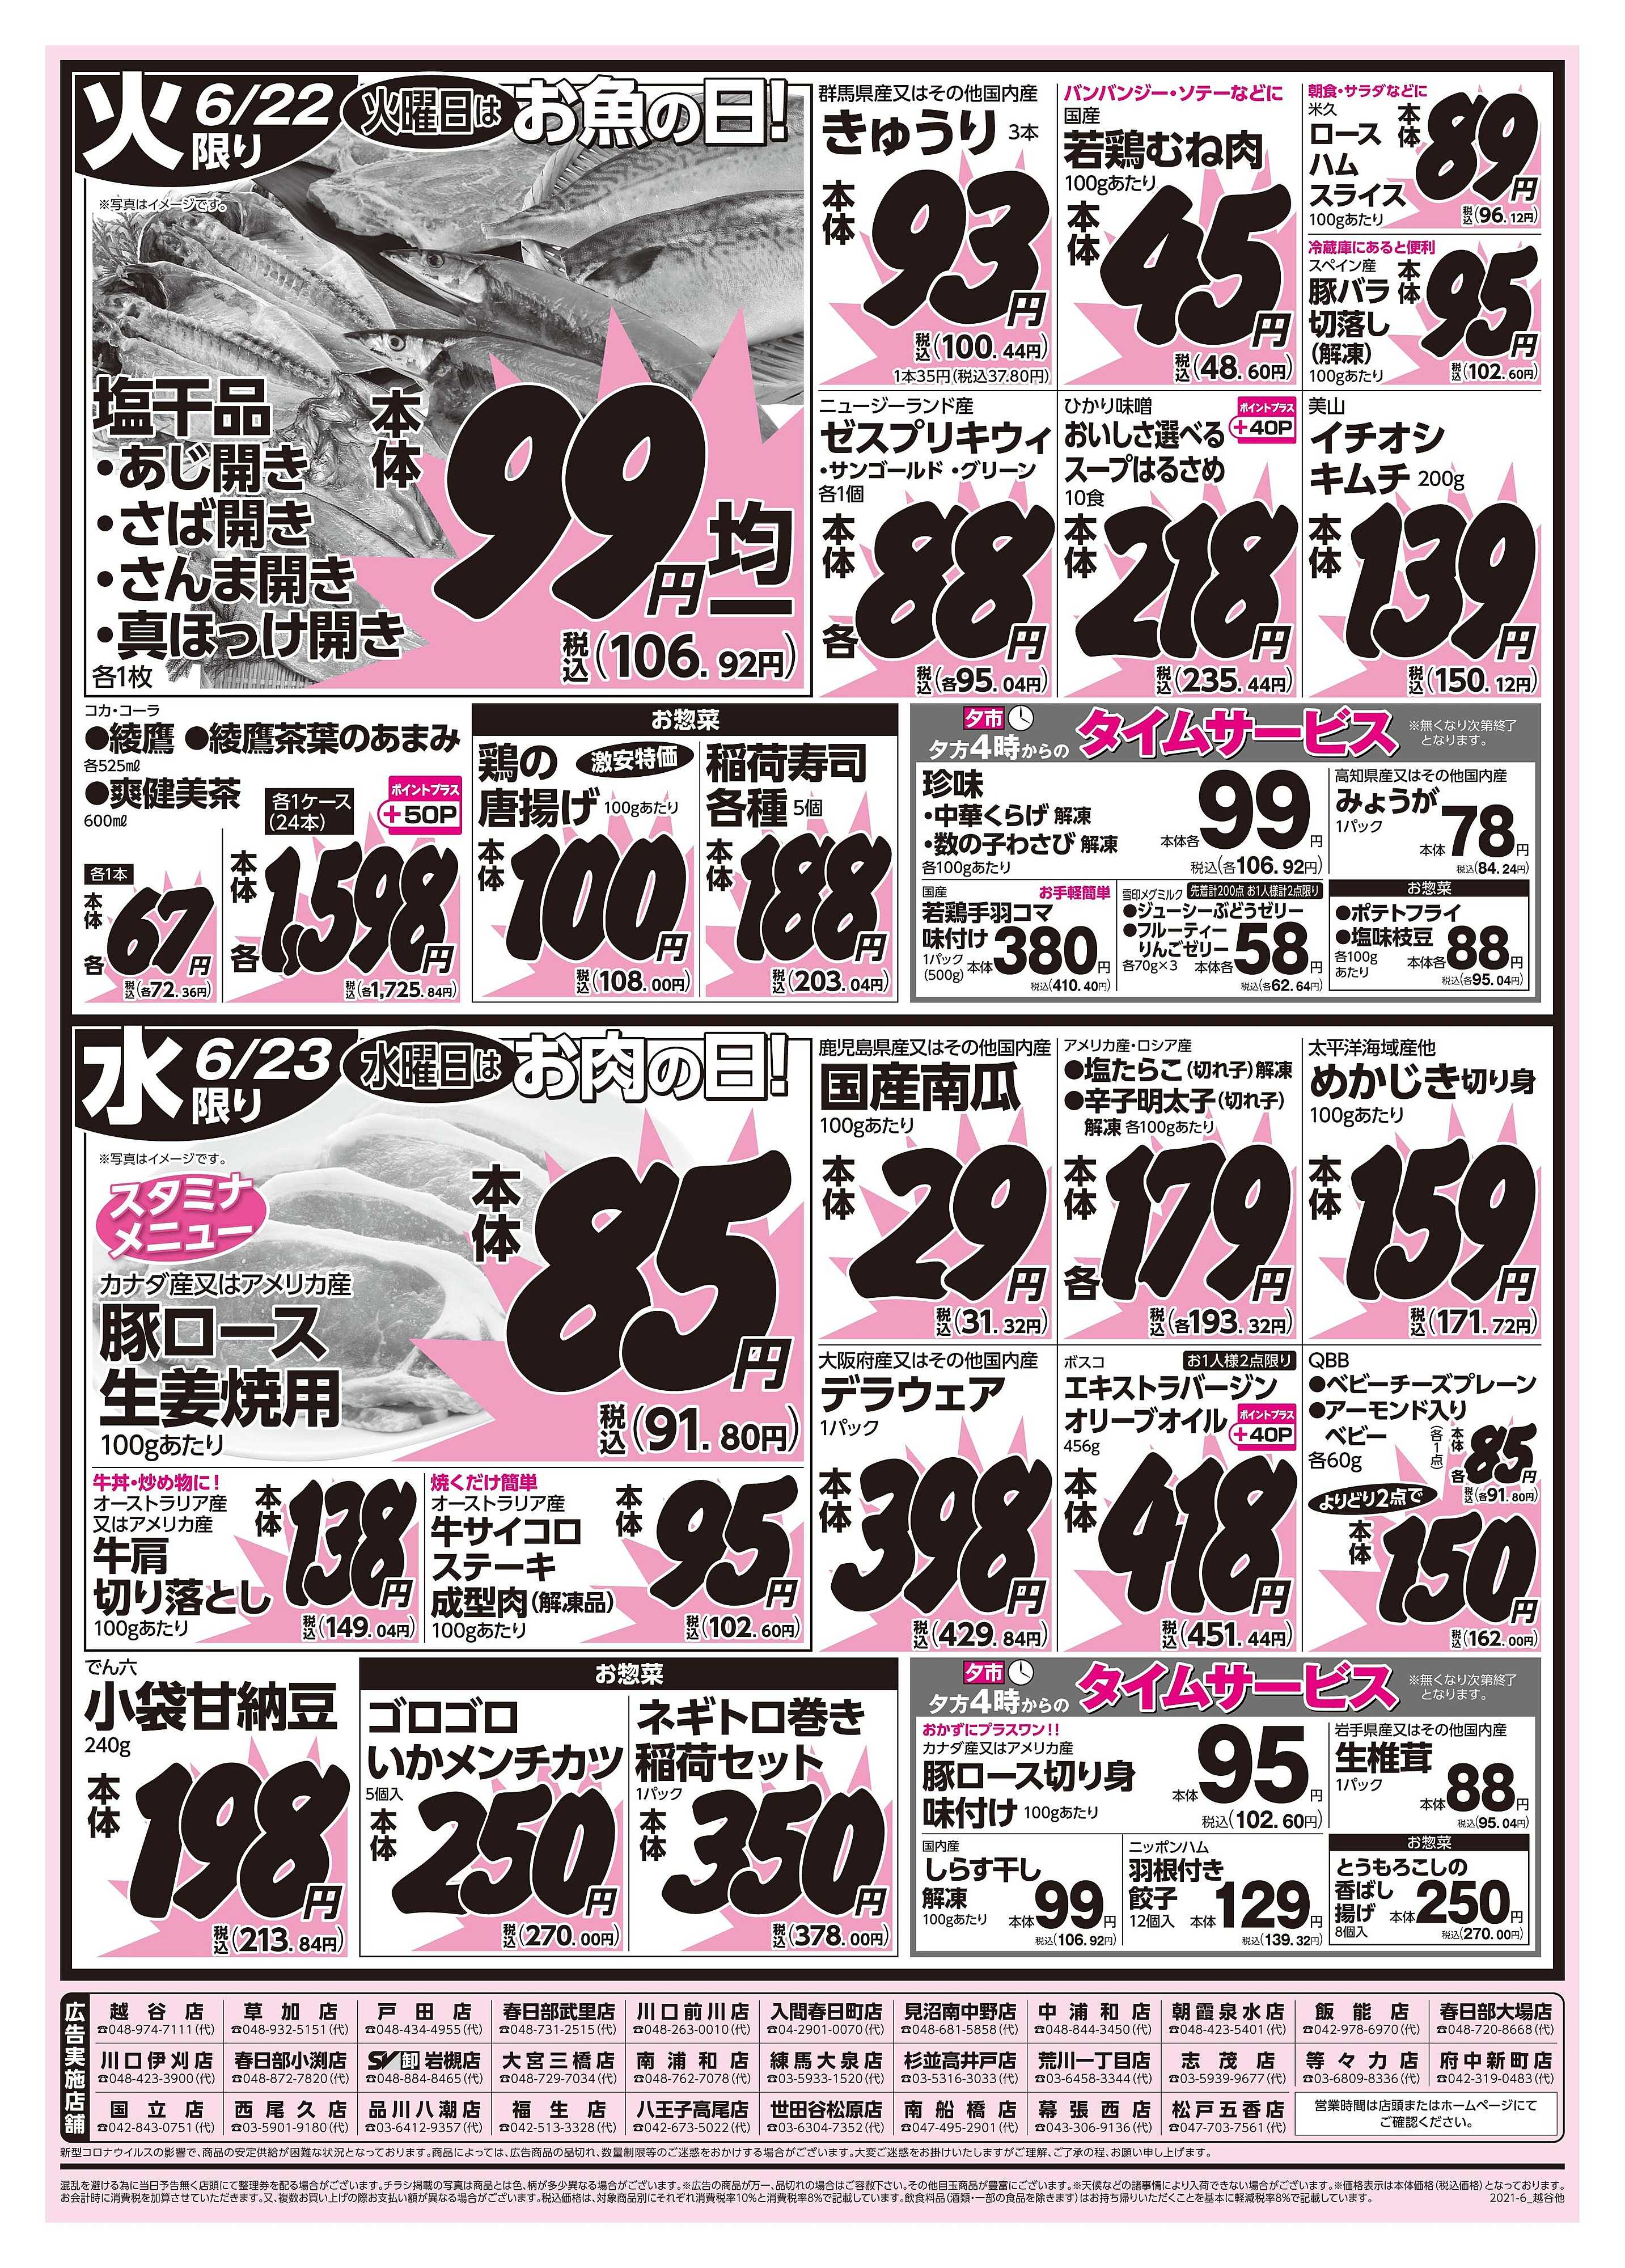 スーパーバリュー お宝大市「日替り特価」